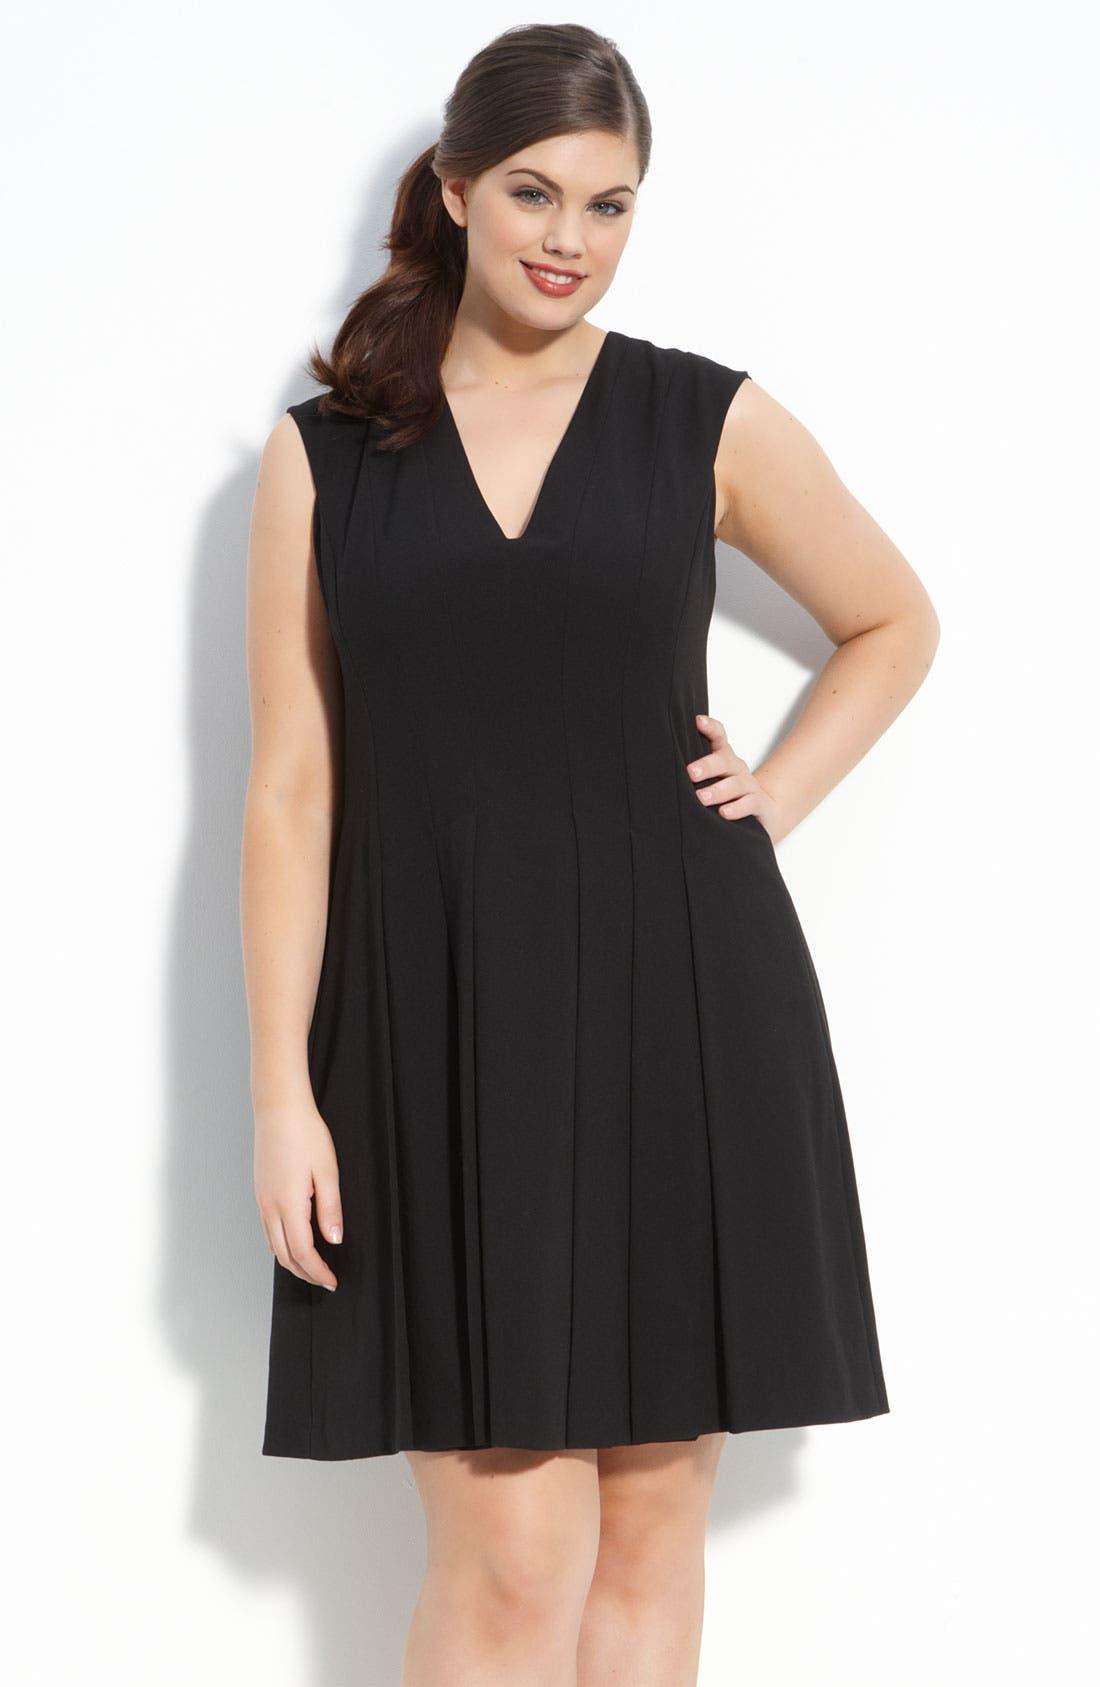 Alternate Image 1 Selected - Calvin Klein Sleeveless V-Neck Dress (Plus)